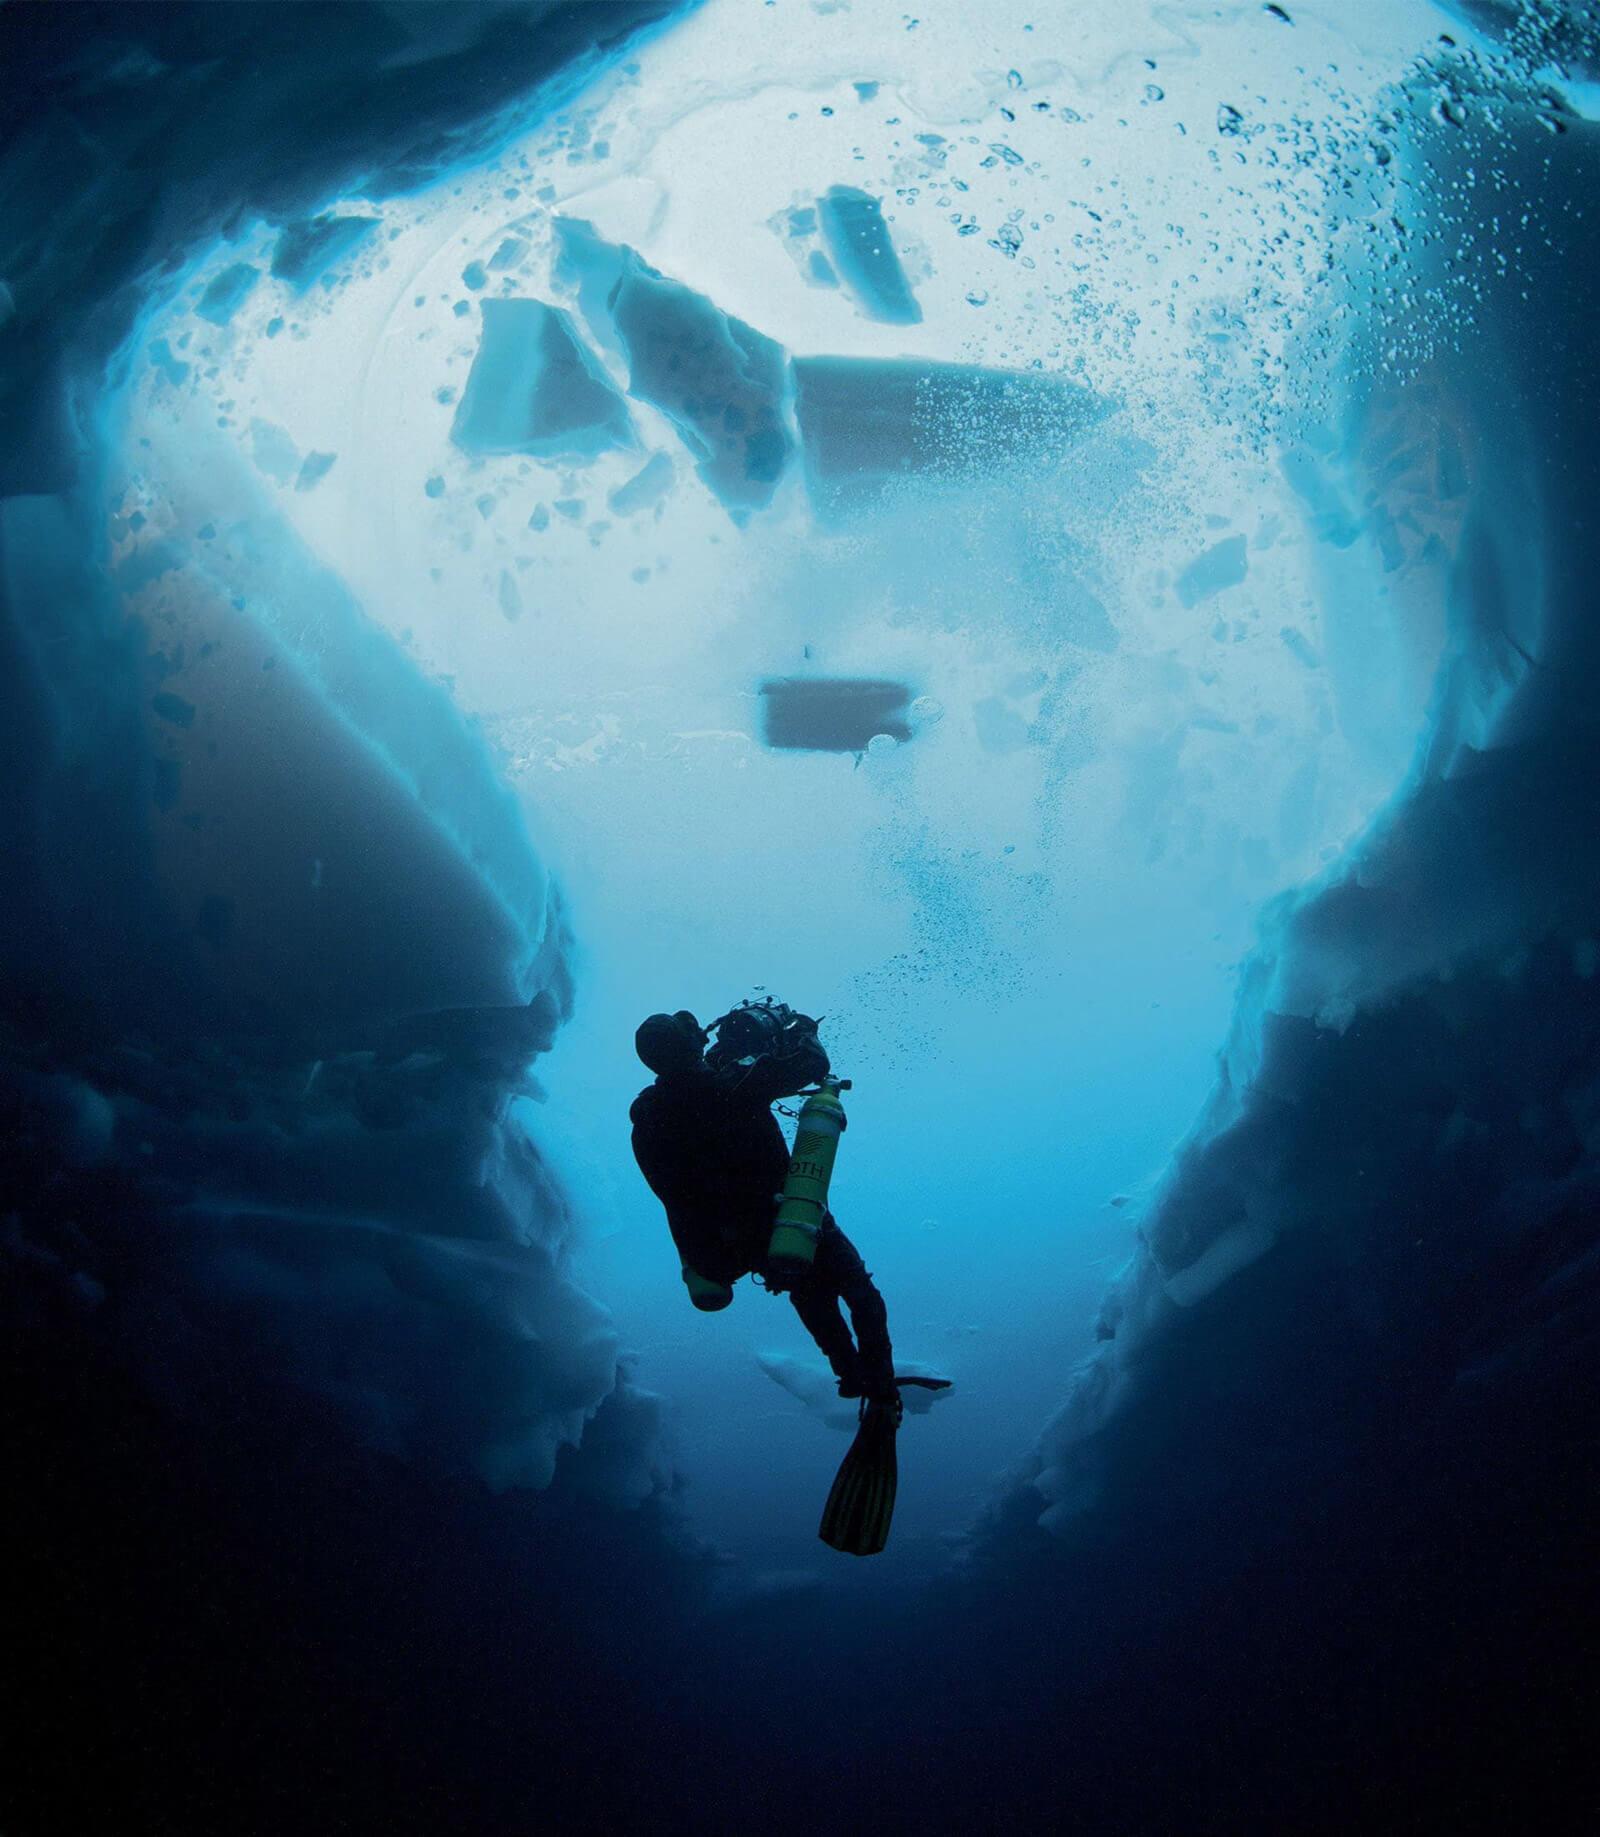 Ekspedicija Deepsea Under the Pole by Rolex